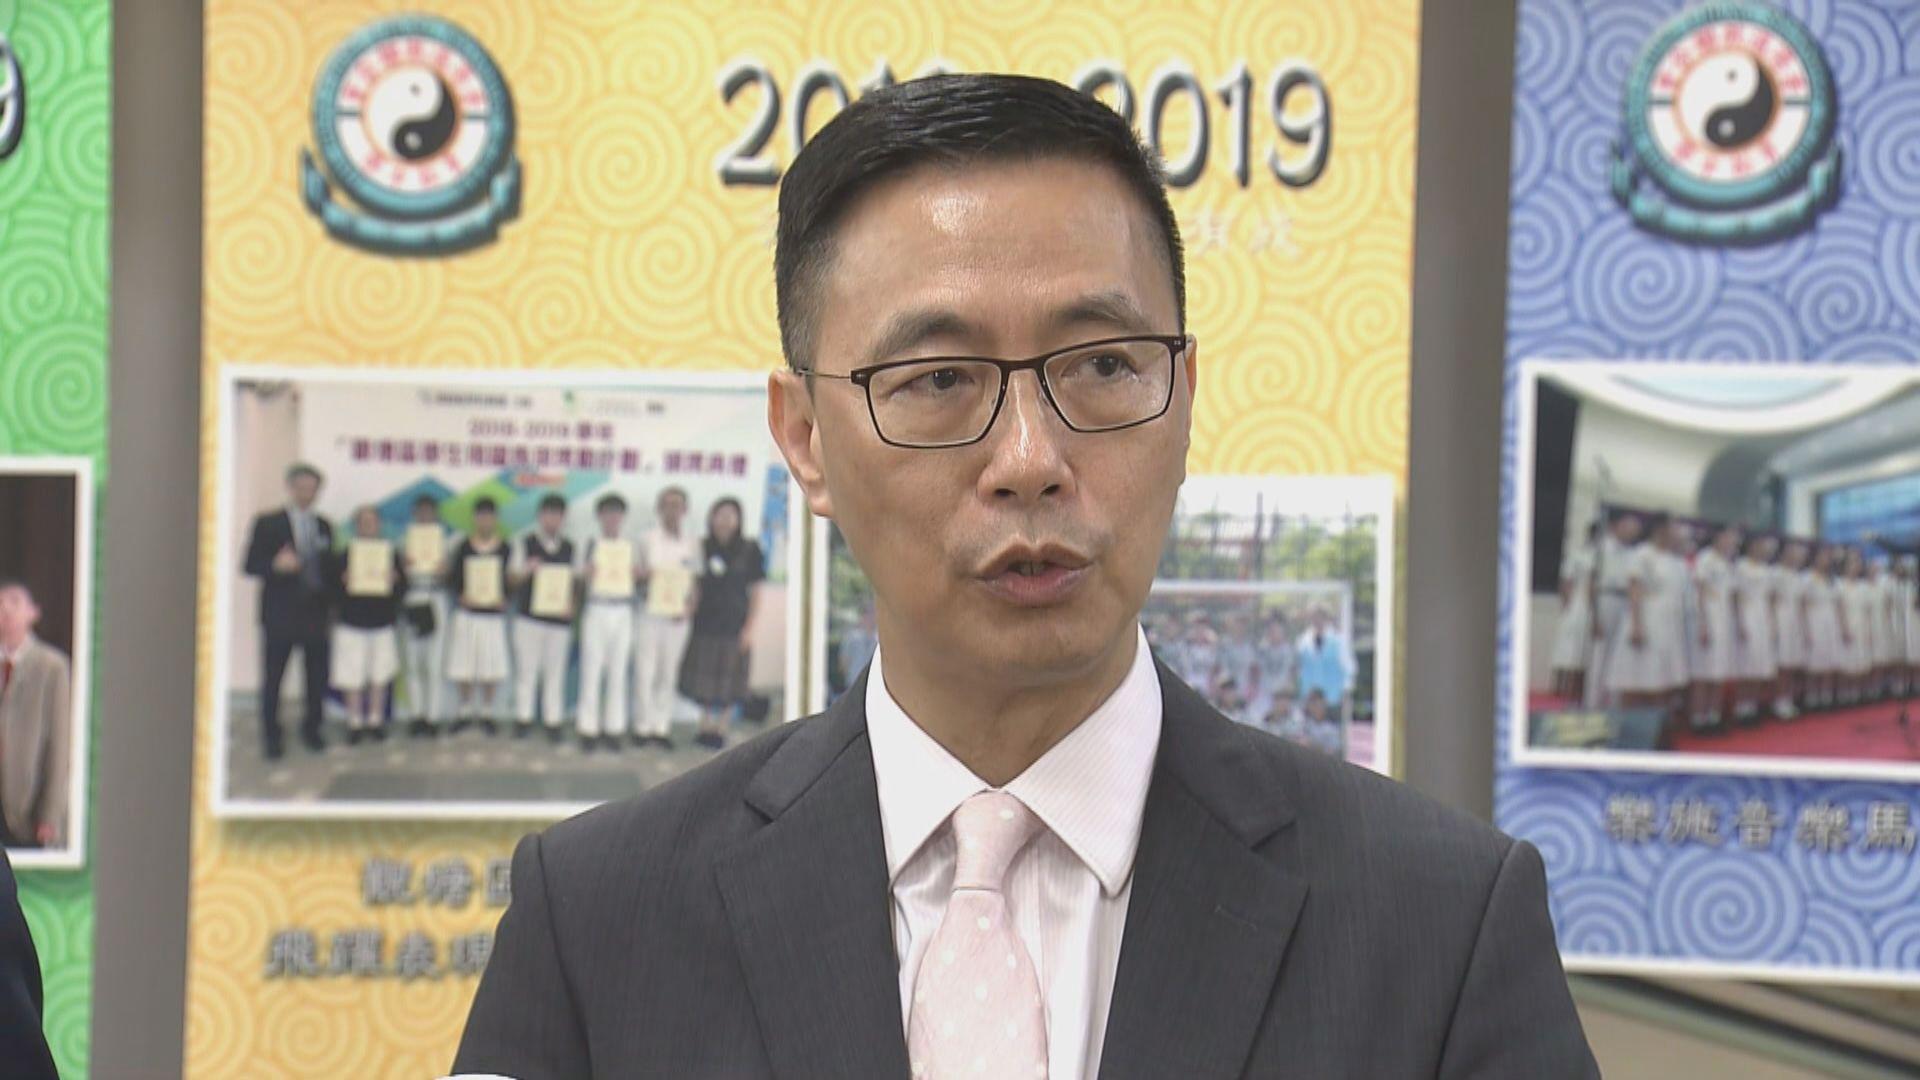 楊潤雄:不認為年輕人出了問題